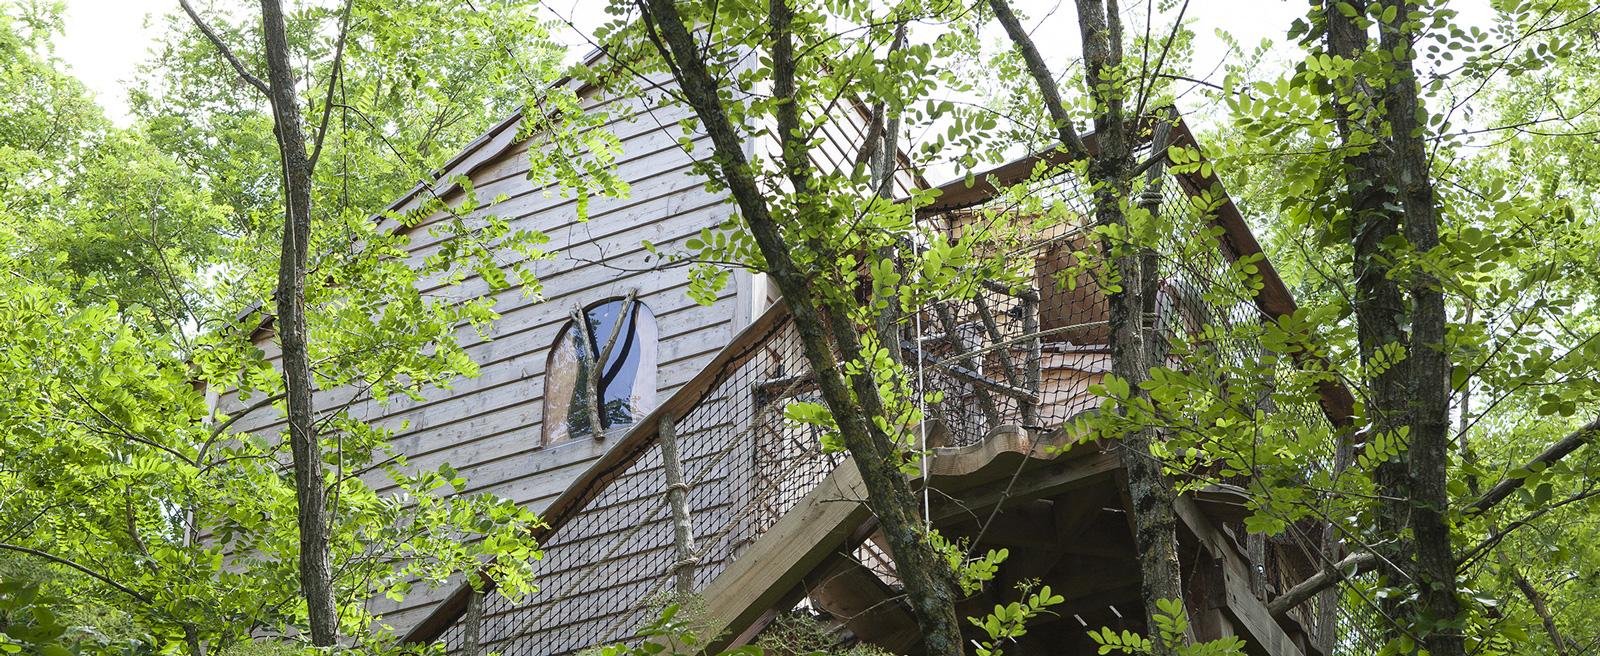 Cabane familiale dans les arbres